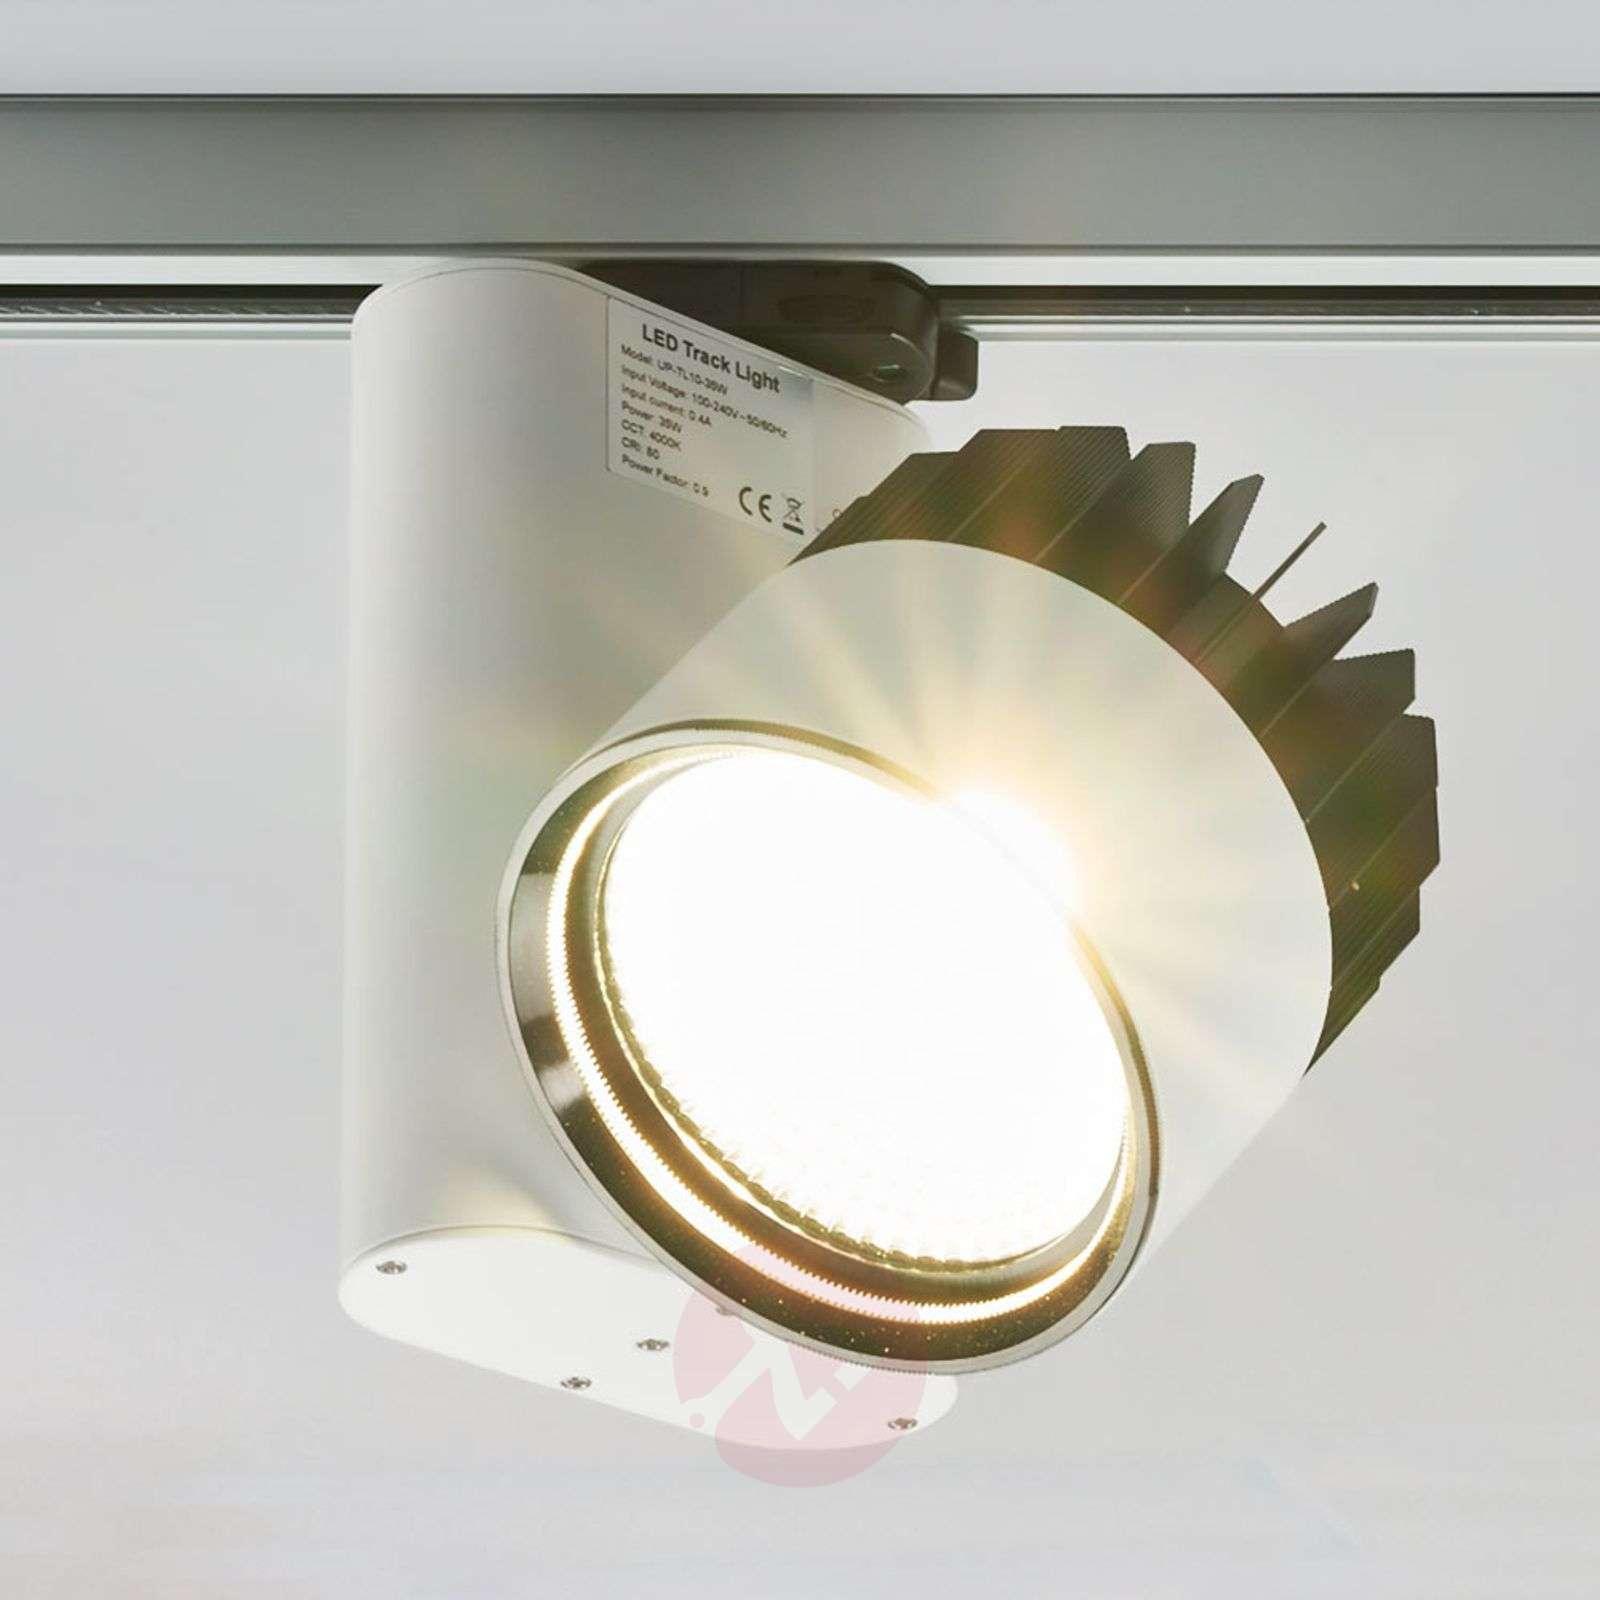 Powerful Benett LED spotlight for track systems-9967019-01